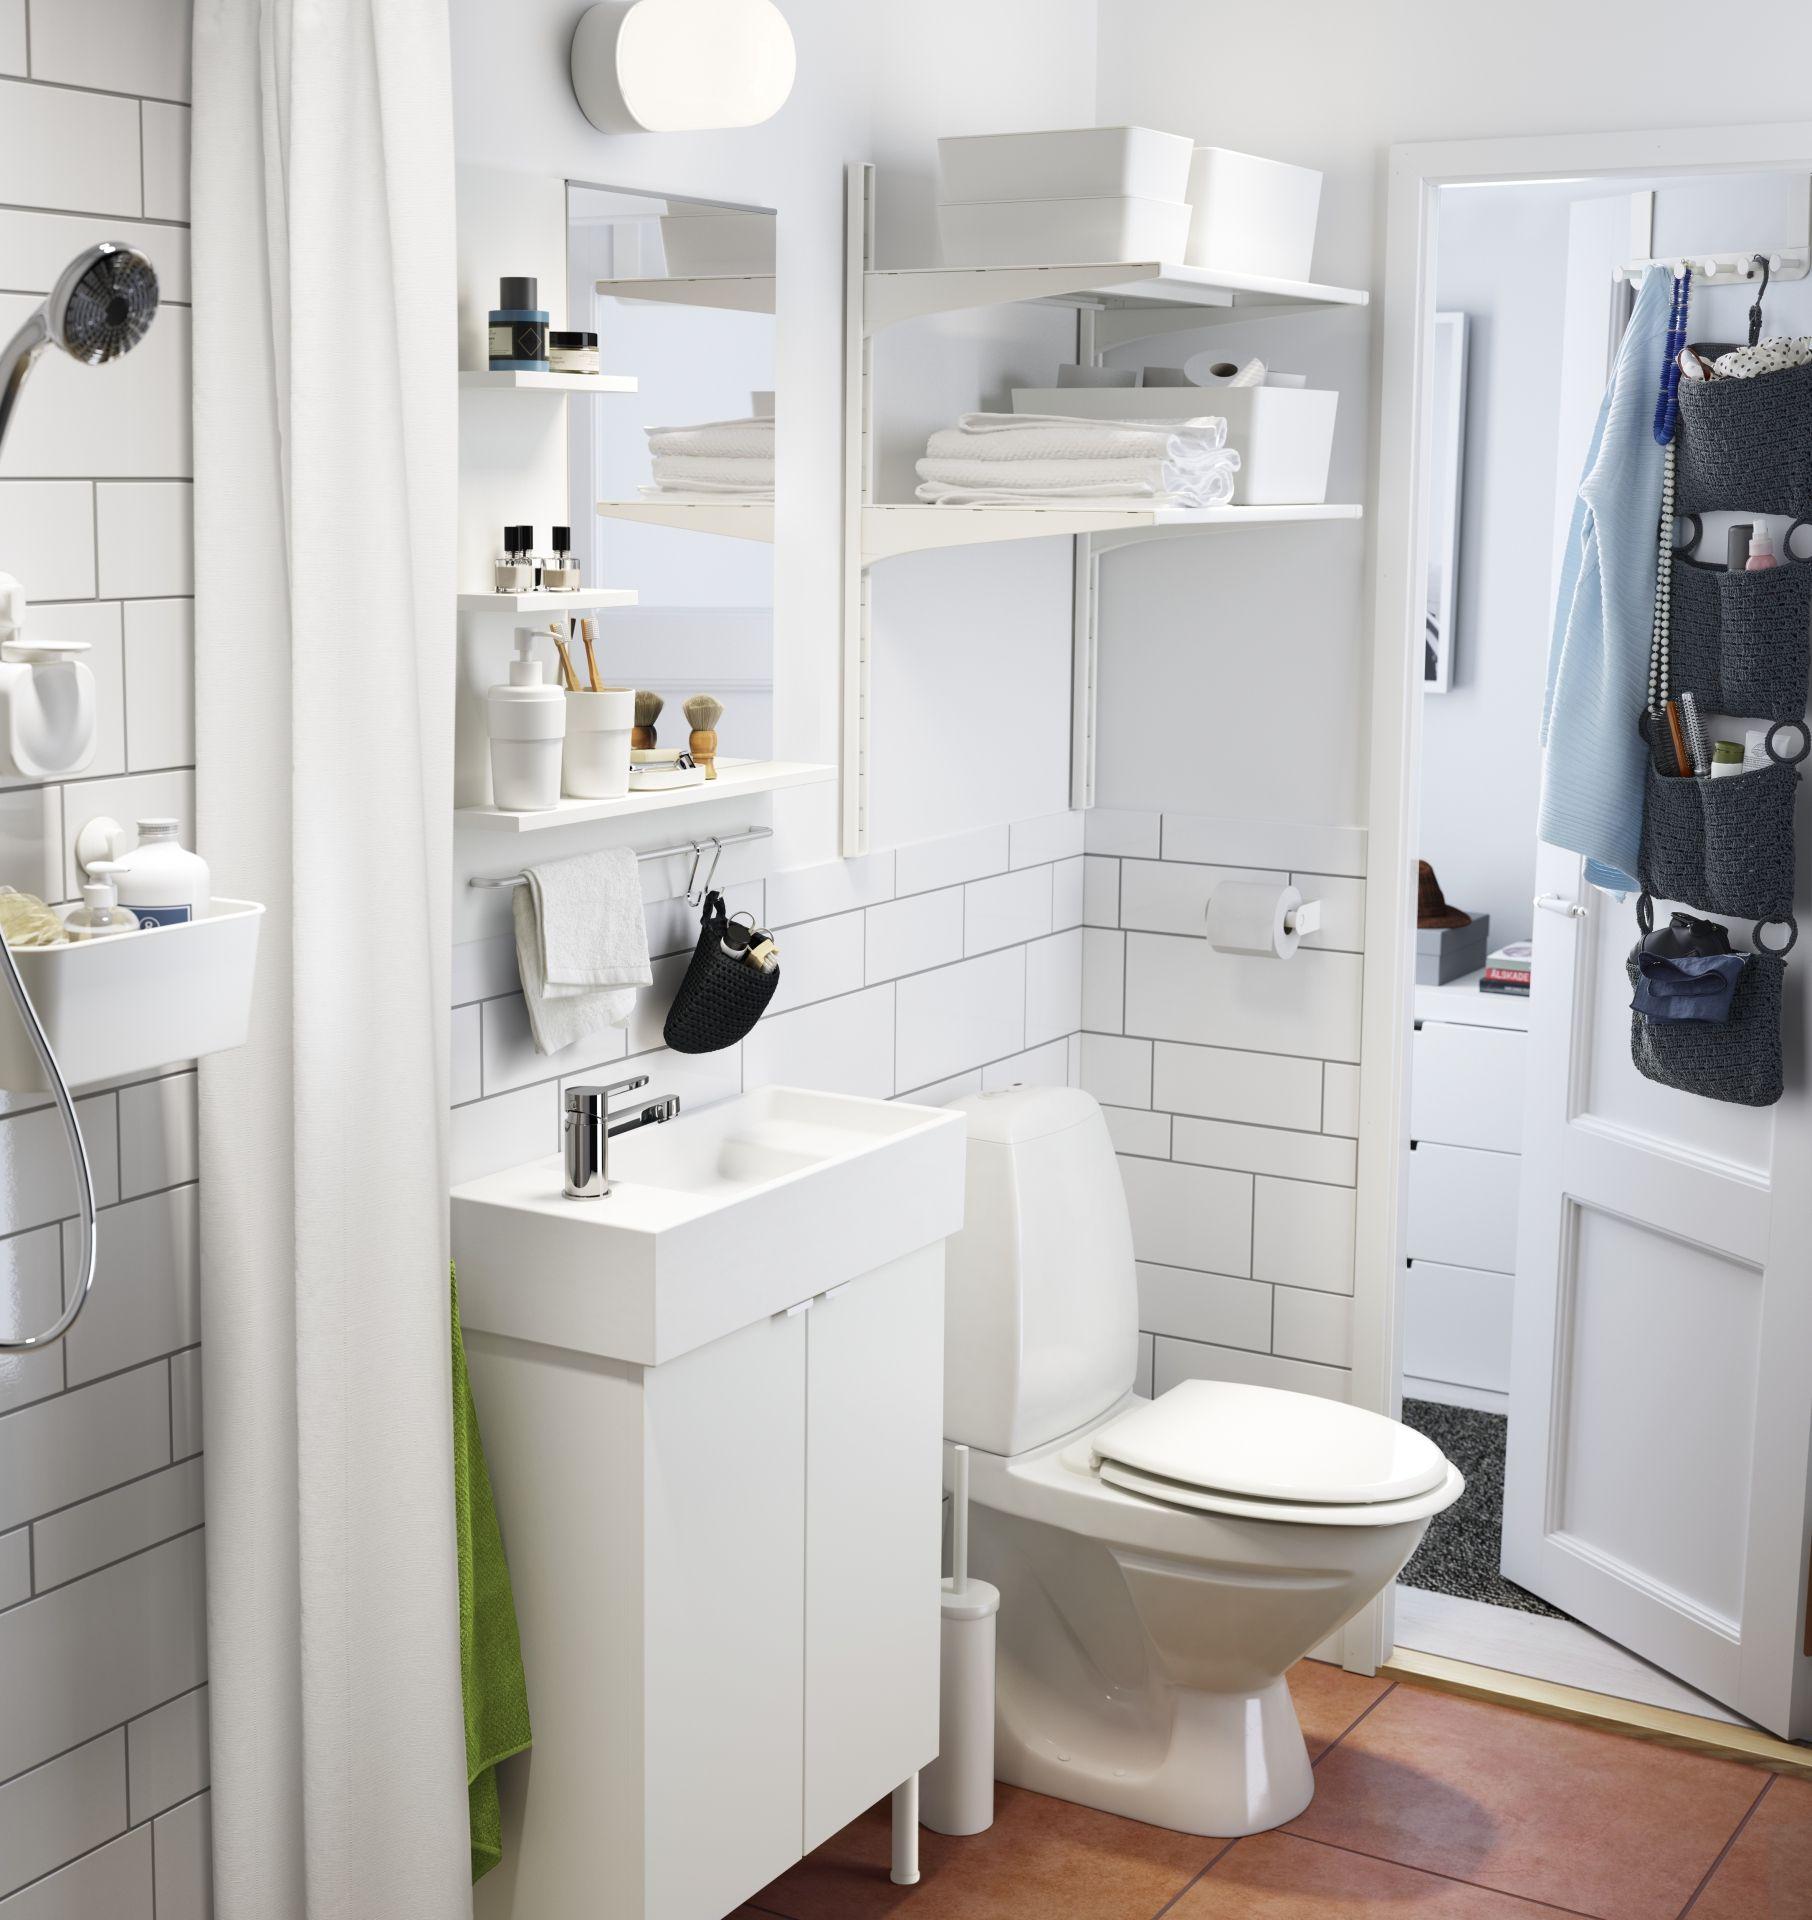 Frische Einrichtungsideen Und Erschwingliche Mobel Ikea Badezimmer Kleines Bad Waschbecken Ikea Waschbecken